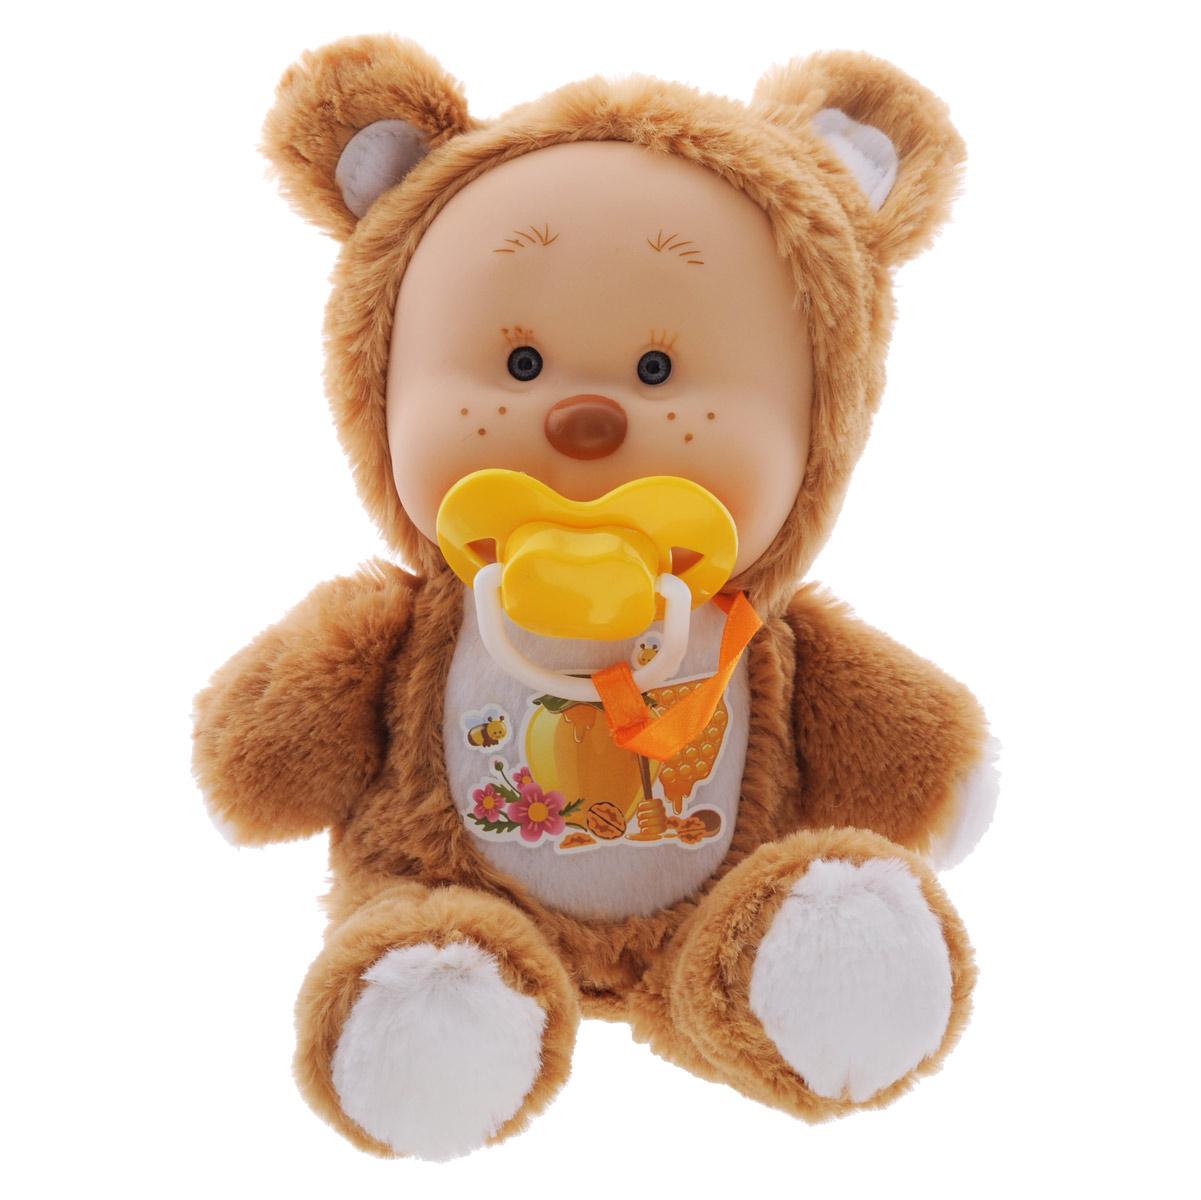 Yogurtinis Мягкая игрушка Лесные друзья Медвежонок Миша игровые центры oribel лесные друзья